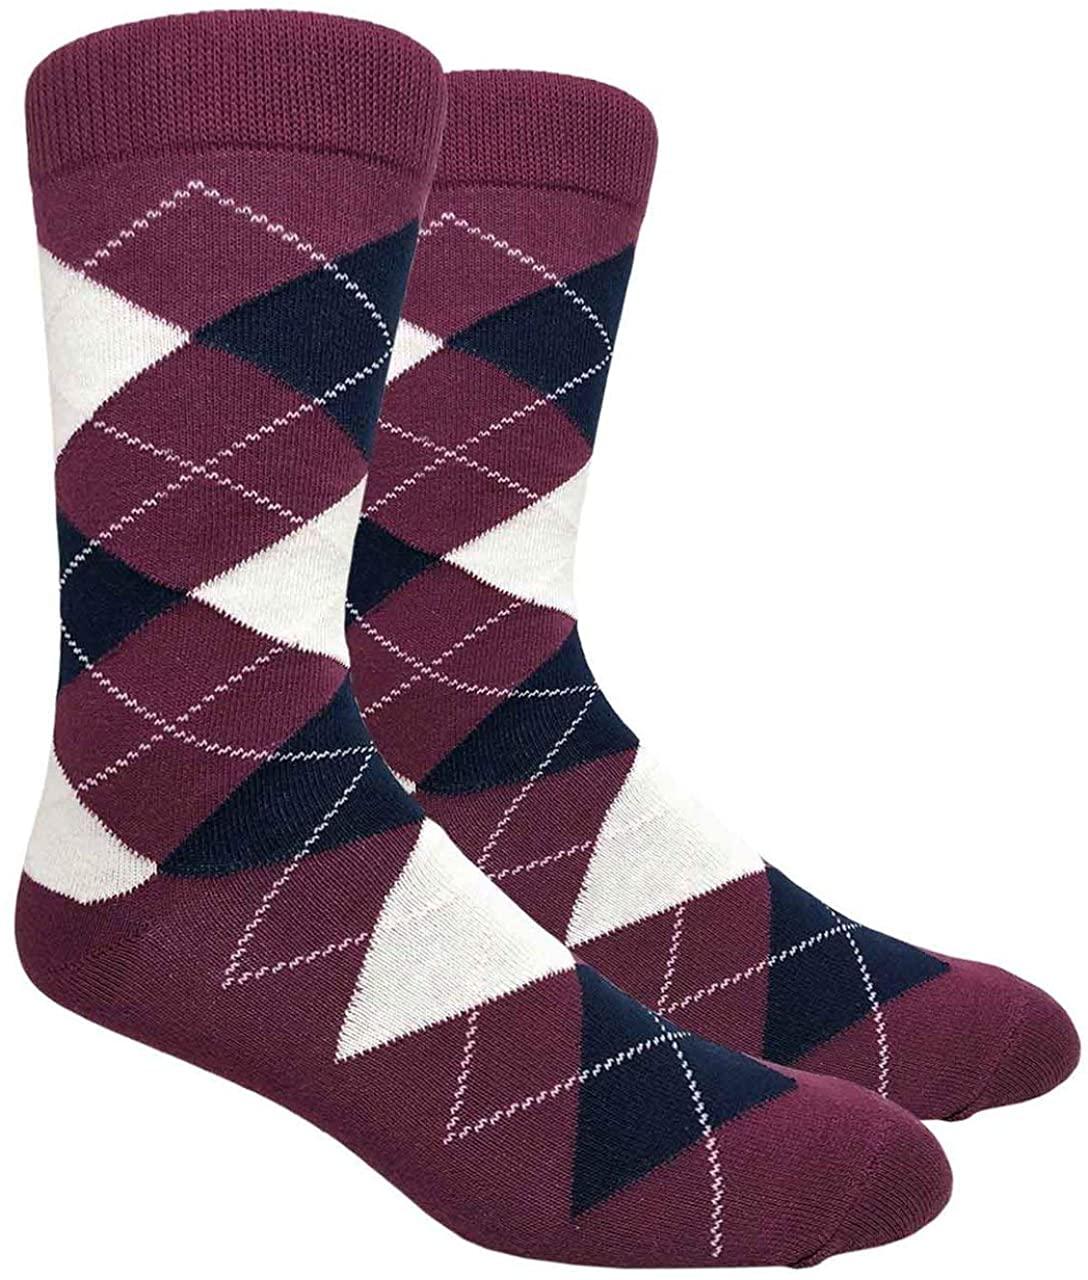 Ivory + Mason Argyle Dress Socks for Groomsmen - Men's Socks - Premium Cotton - Size 8 to 13…